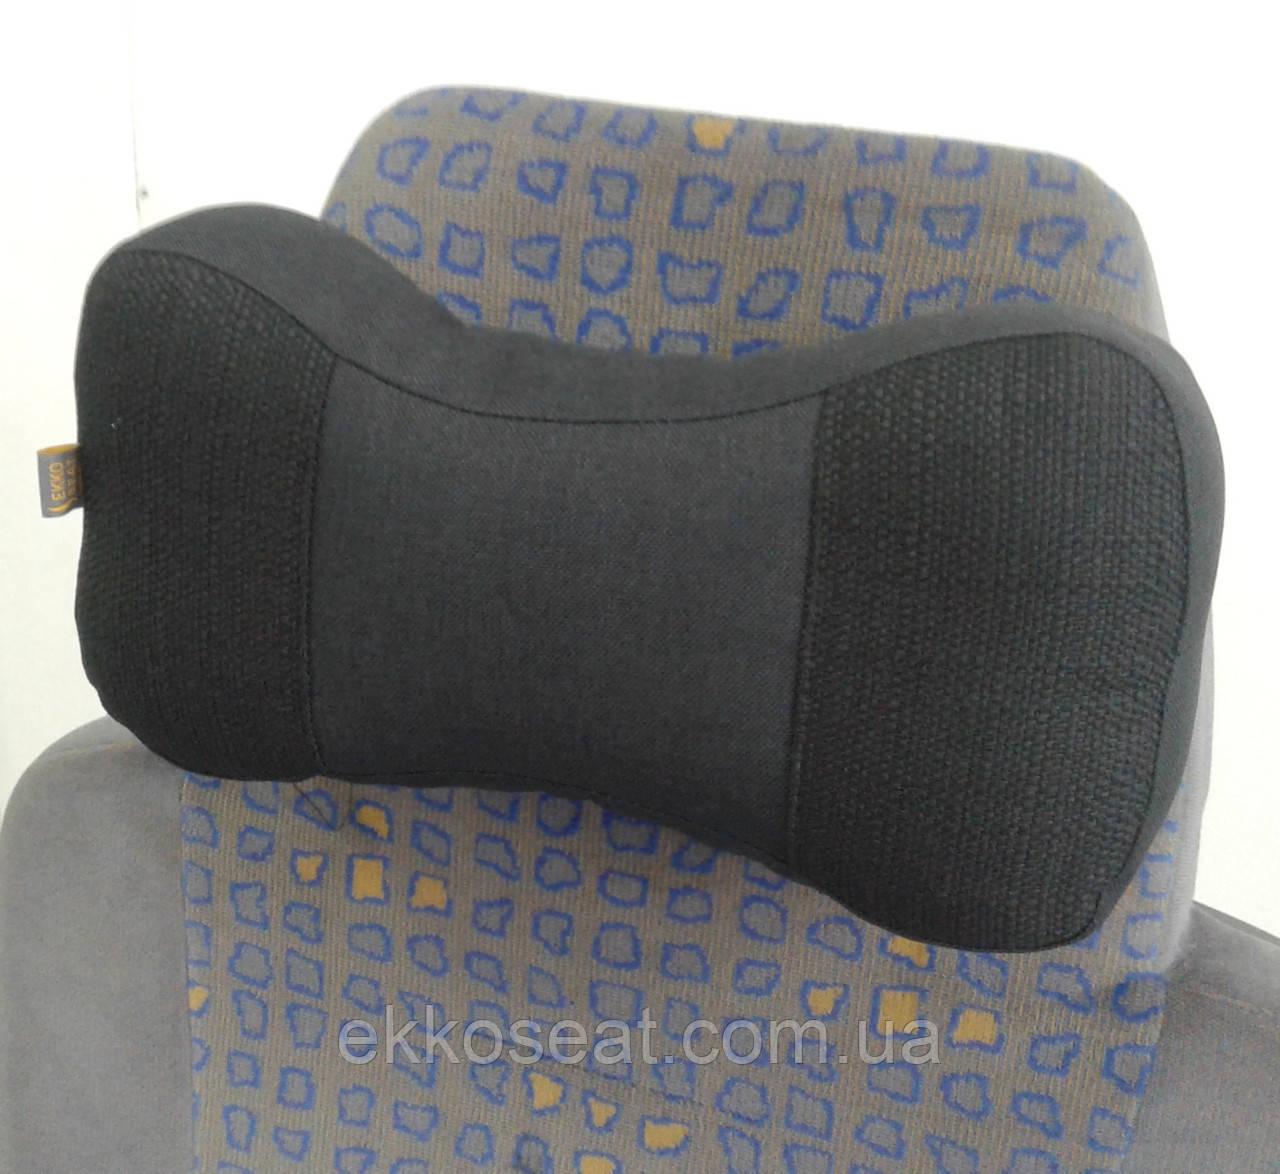 Подушки-підголовники EKKOSEAT в машину - трисекційні. Чорна, Сіра, Бежева.